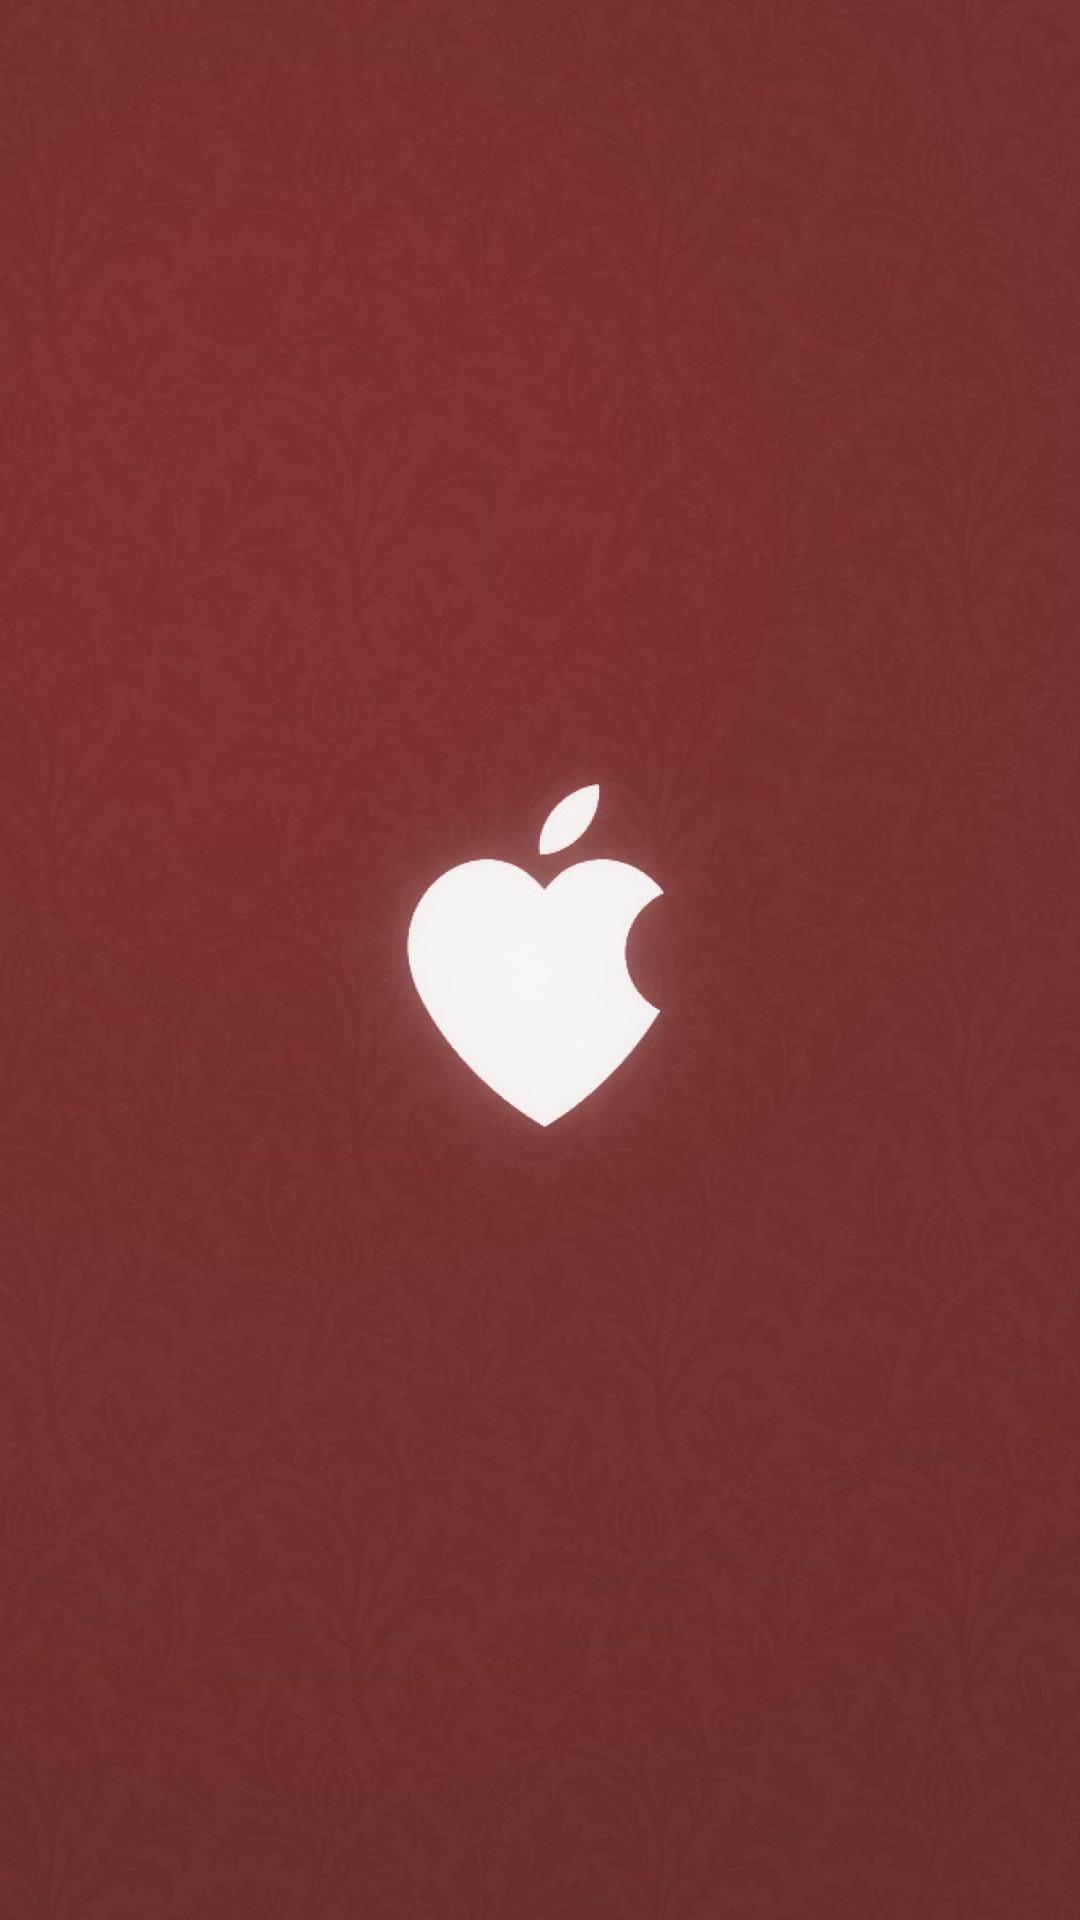 iPhone 8 Plus,7 Plus,6s Plus 壁紙 wallpaper 0789